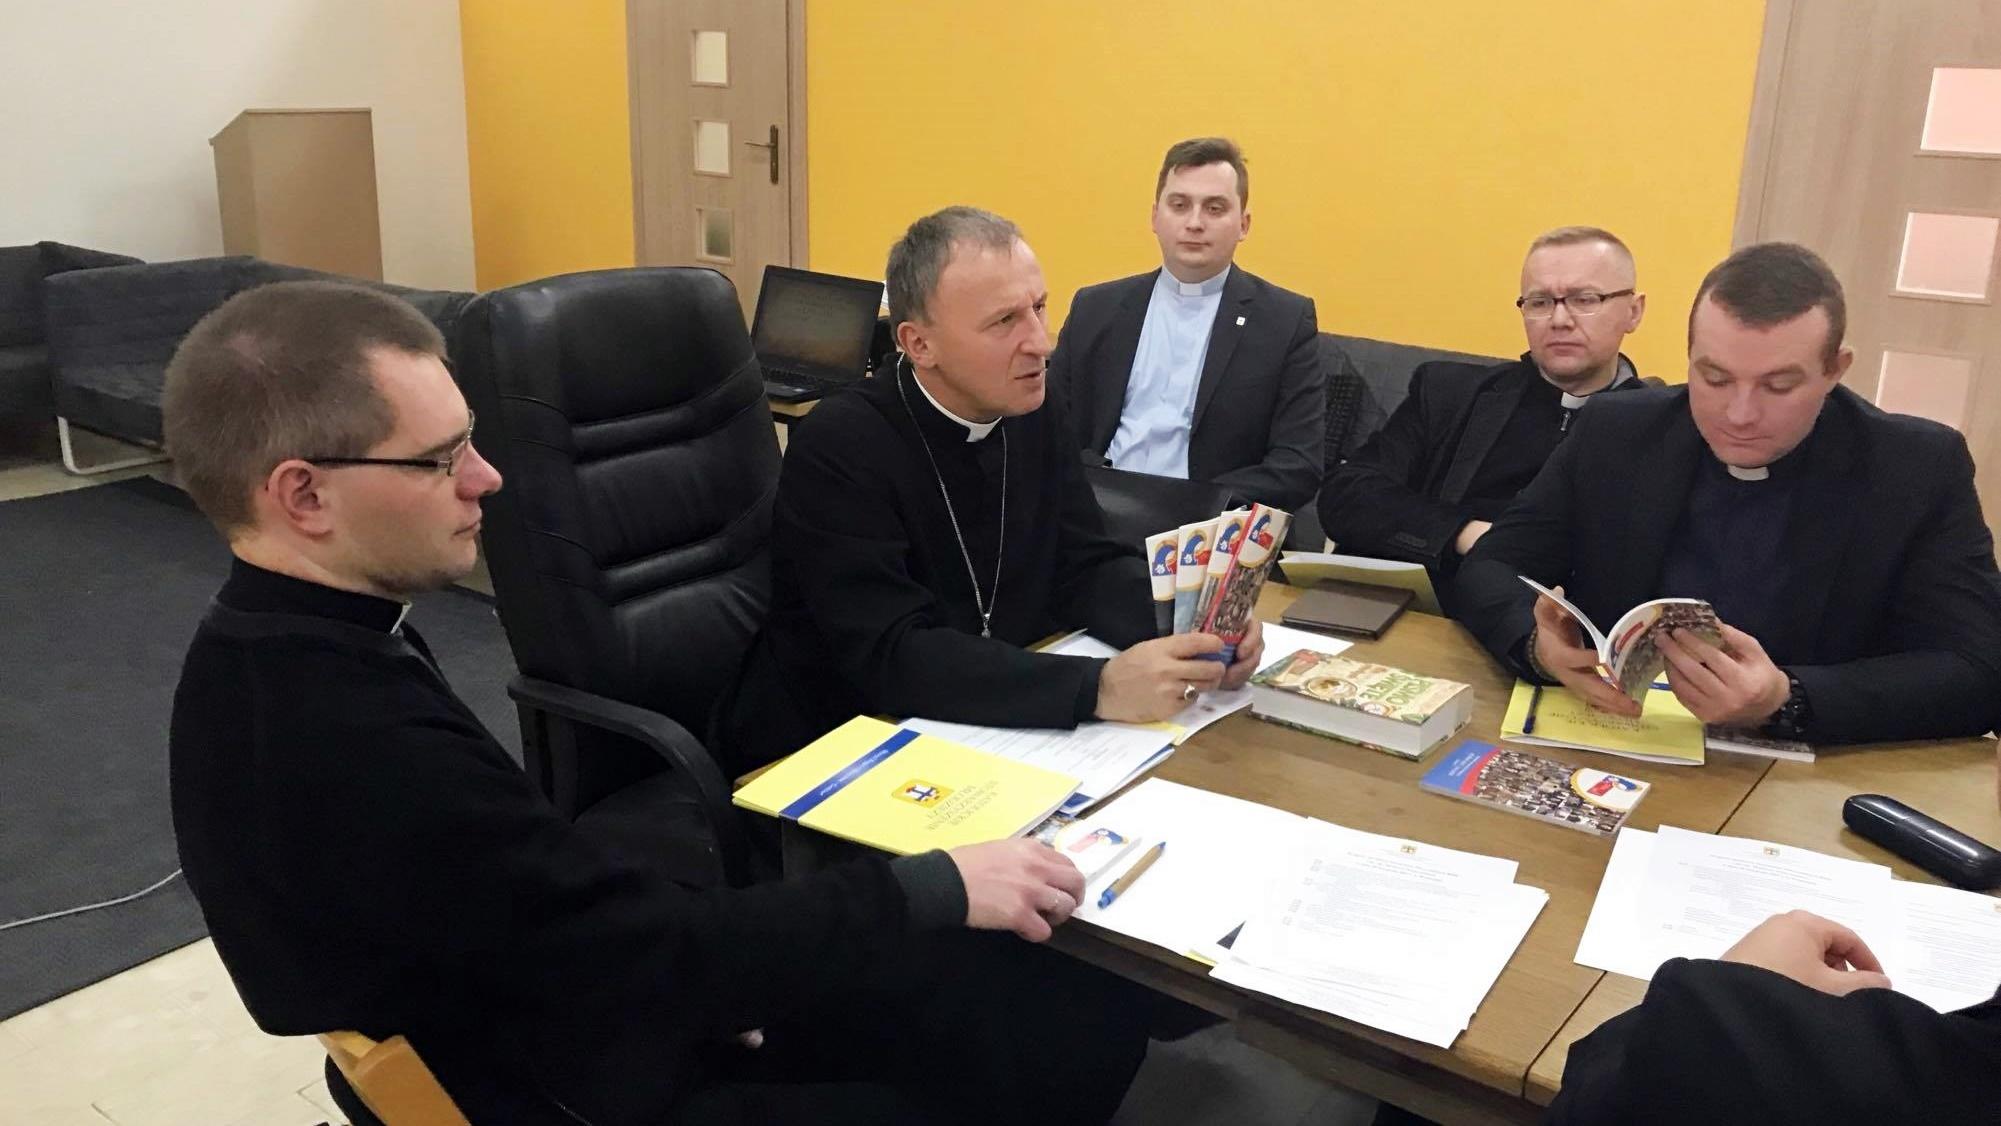 Spotkanie Diecezjalnych Asystentów KSM